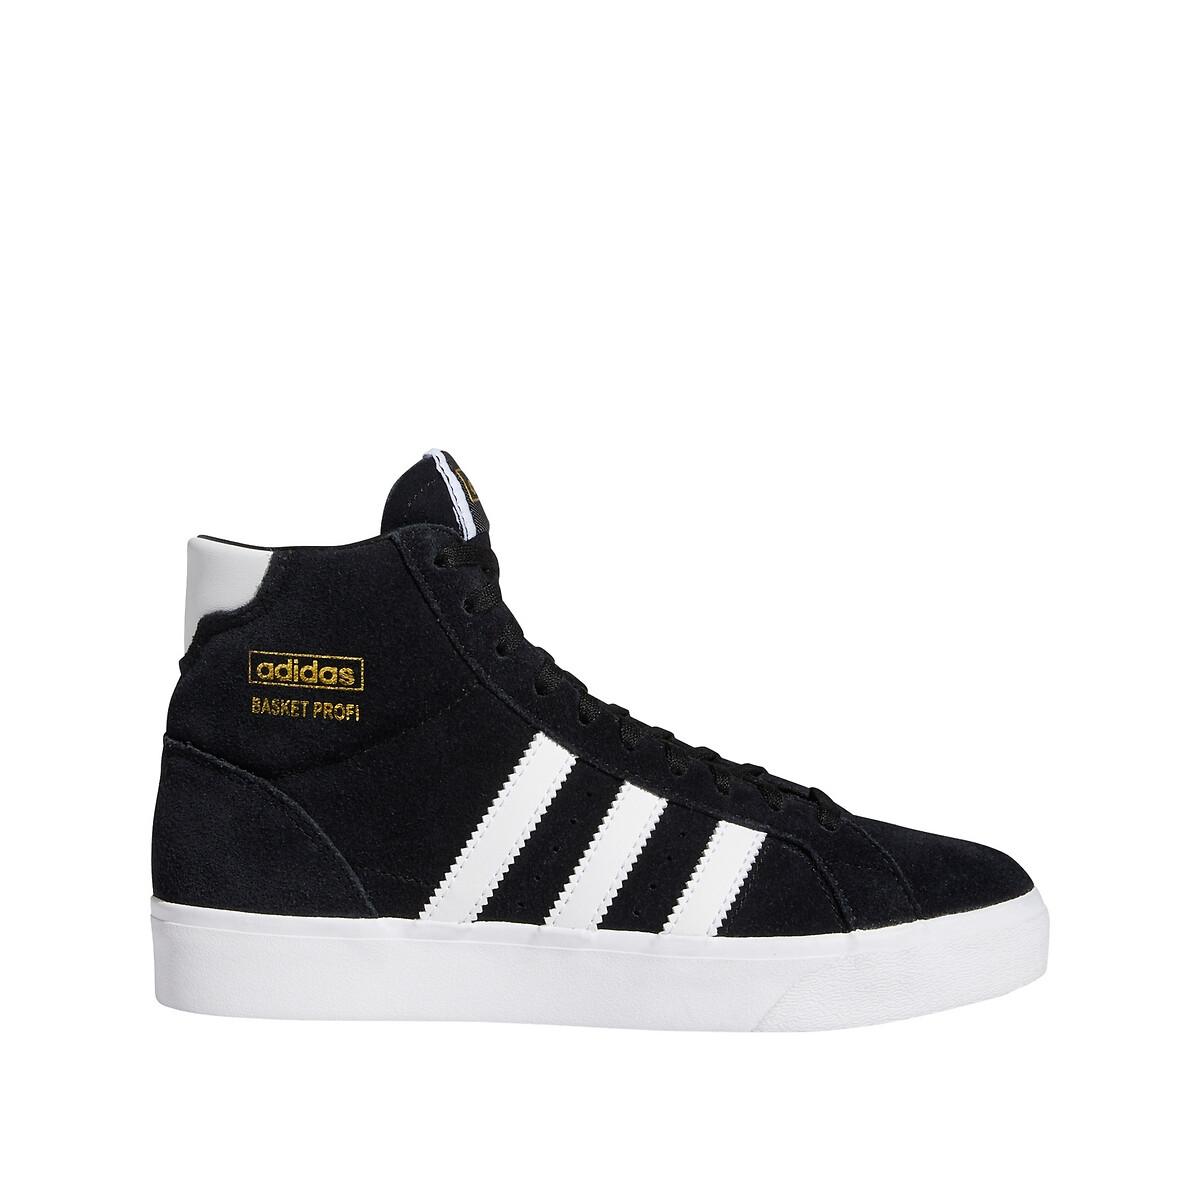 Adidas Originals Basket Profi High sneakers zwart/wit online kopen